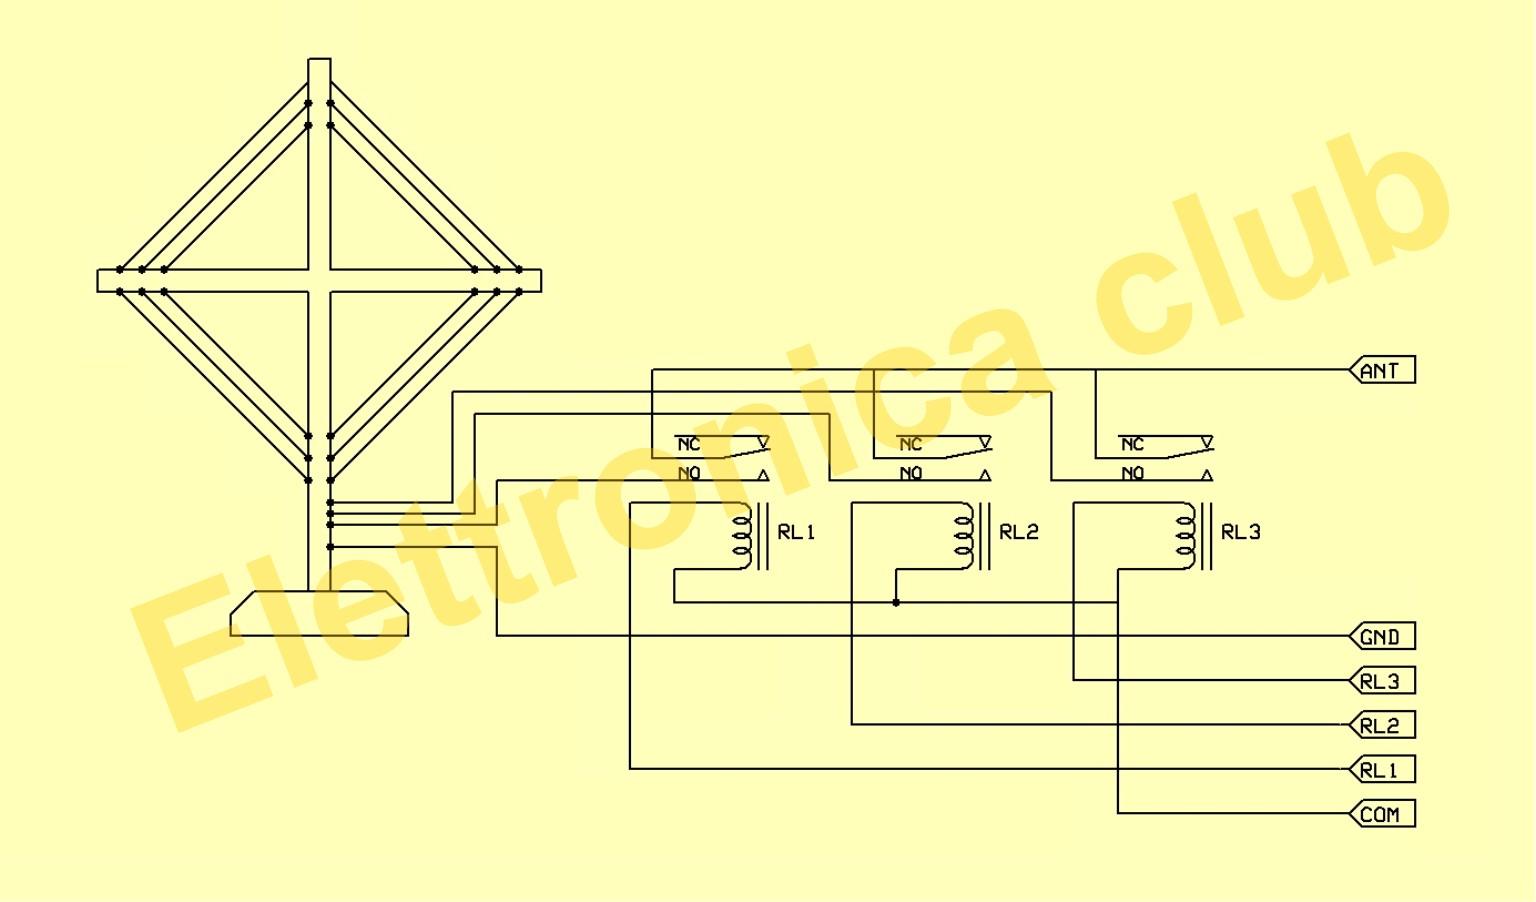 Schema Elettrico Relè Commutatore : Antenna attiva a telaio per ol om oc e cb